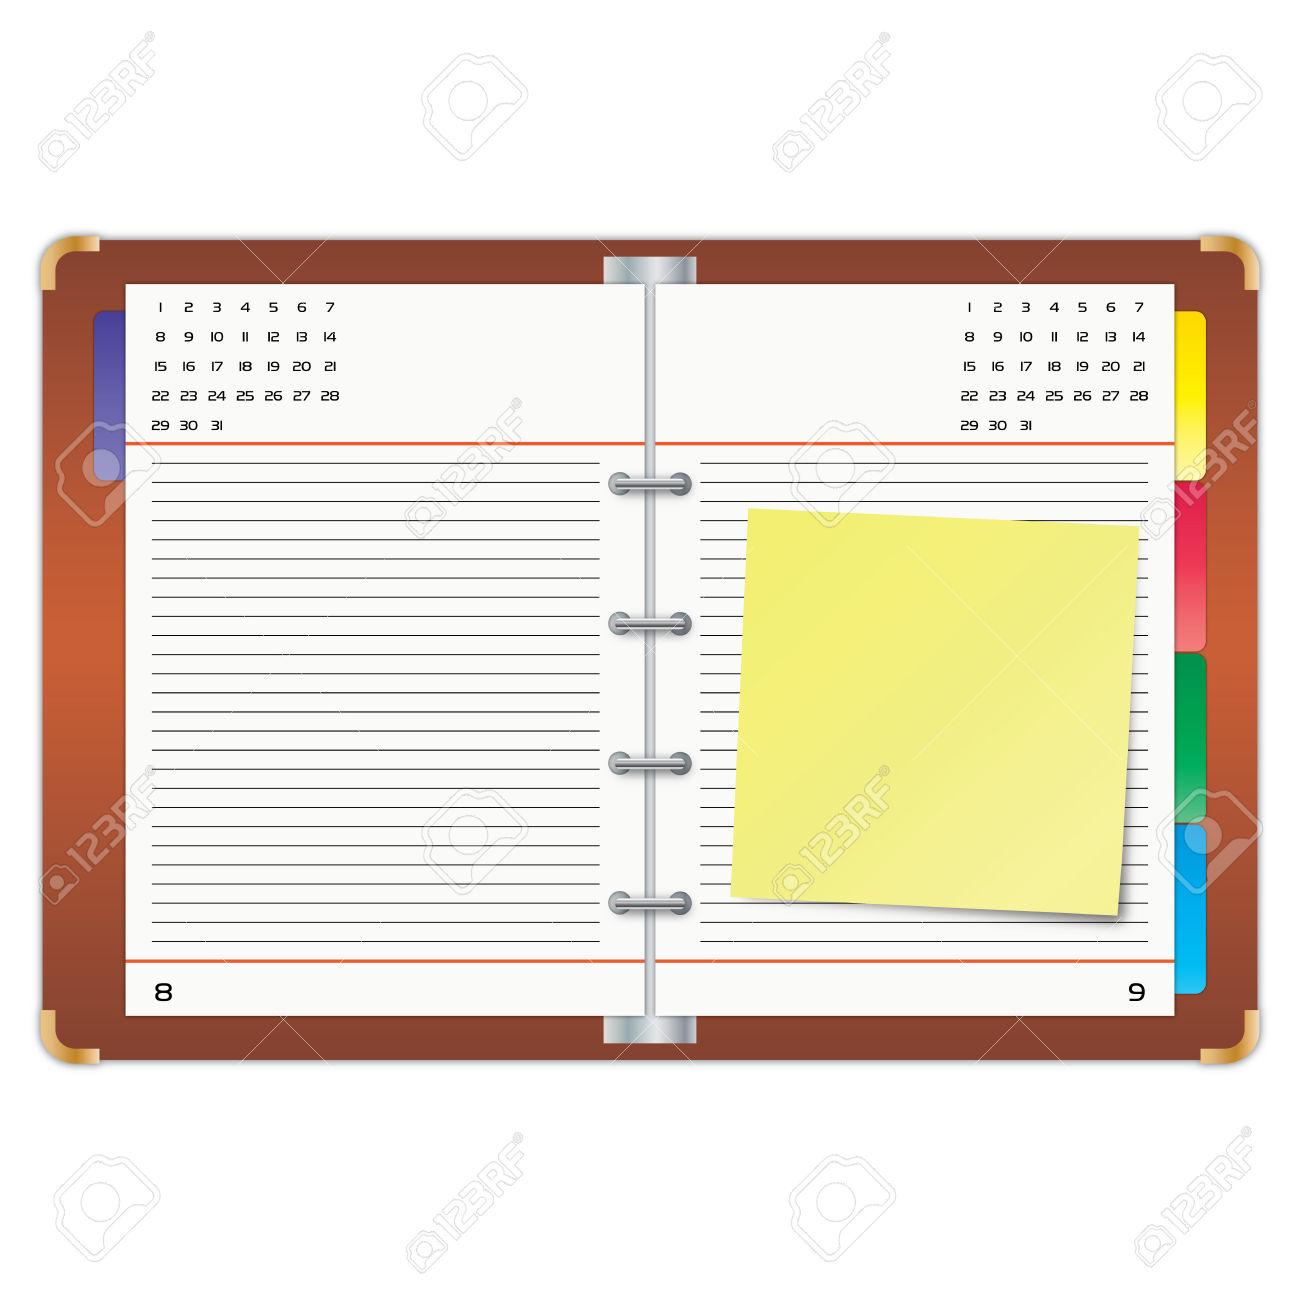 Binder clipart planner, Binder planner Transparent FREE for.